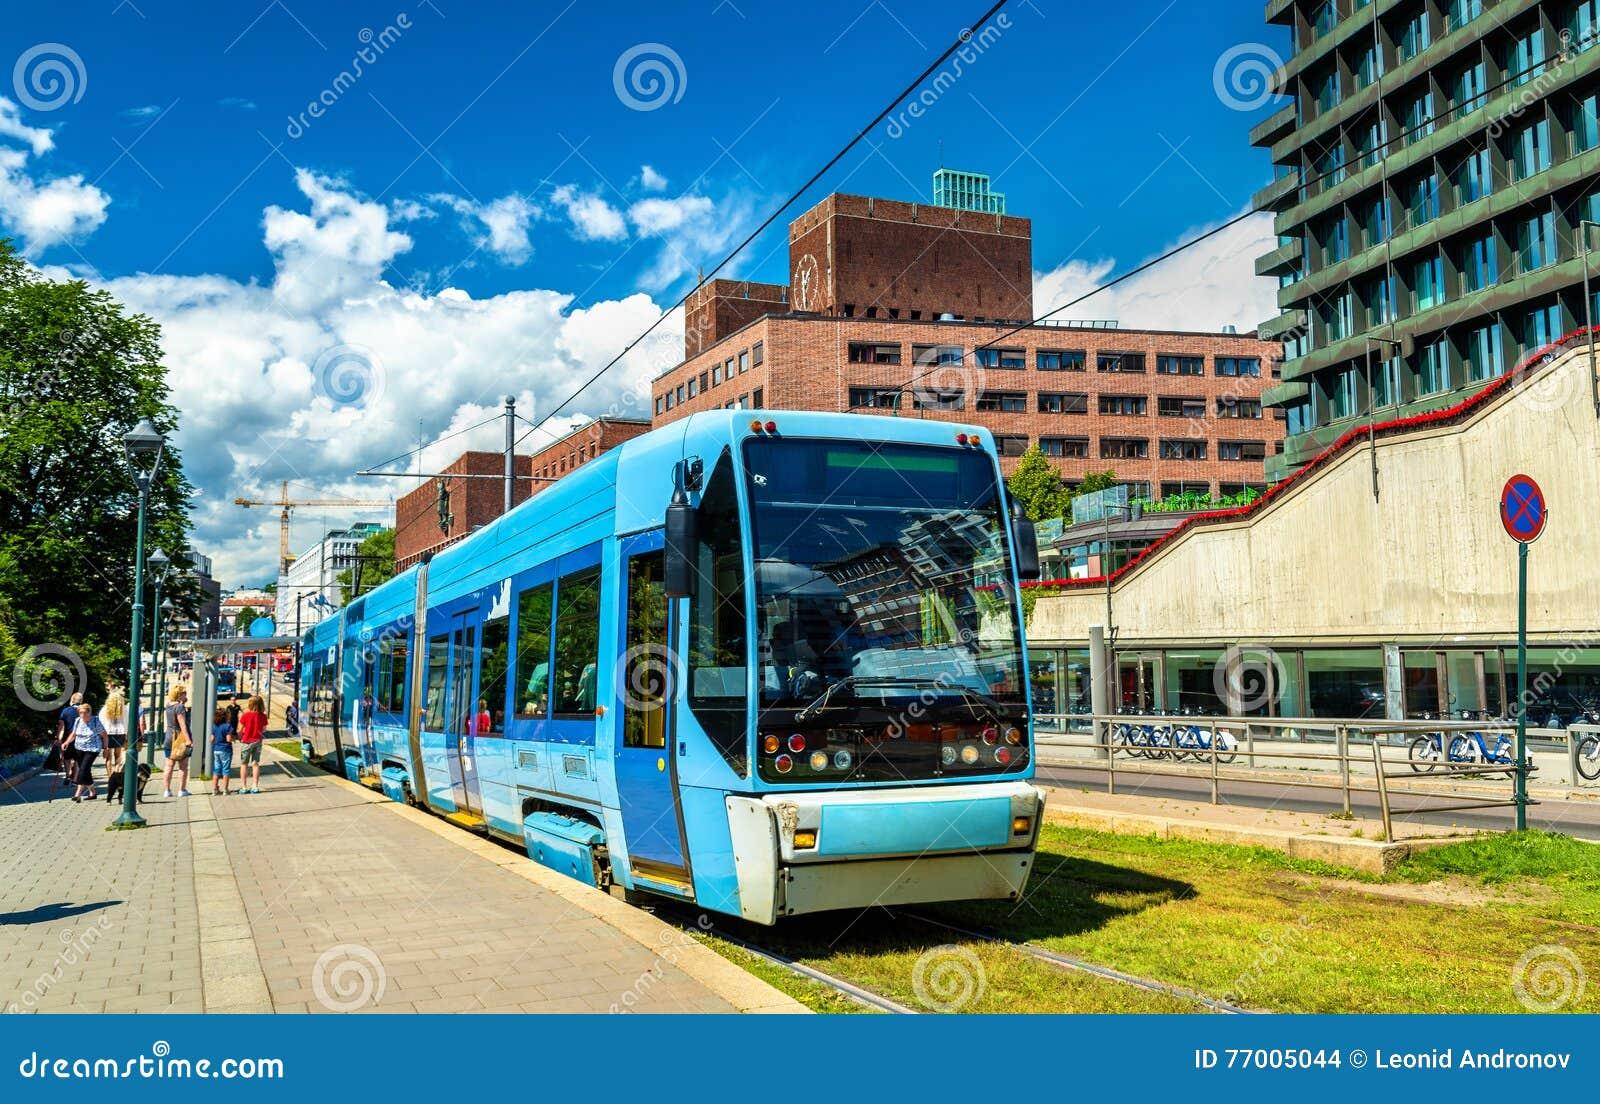 Τραμ πόλεων στο σταθμό Kontraskjaeret στο Όσλο